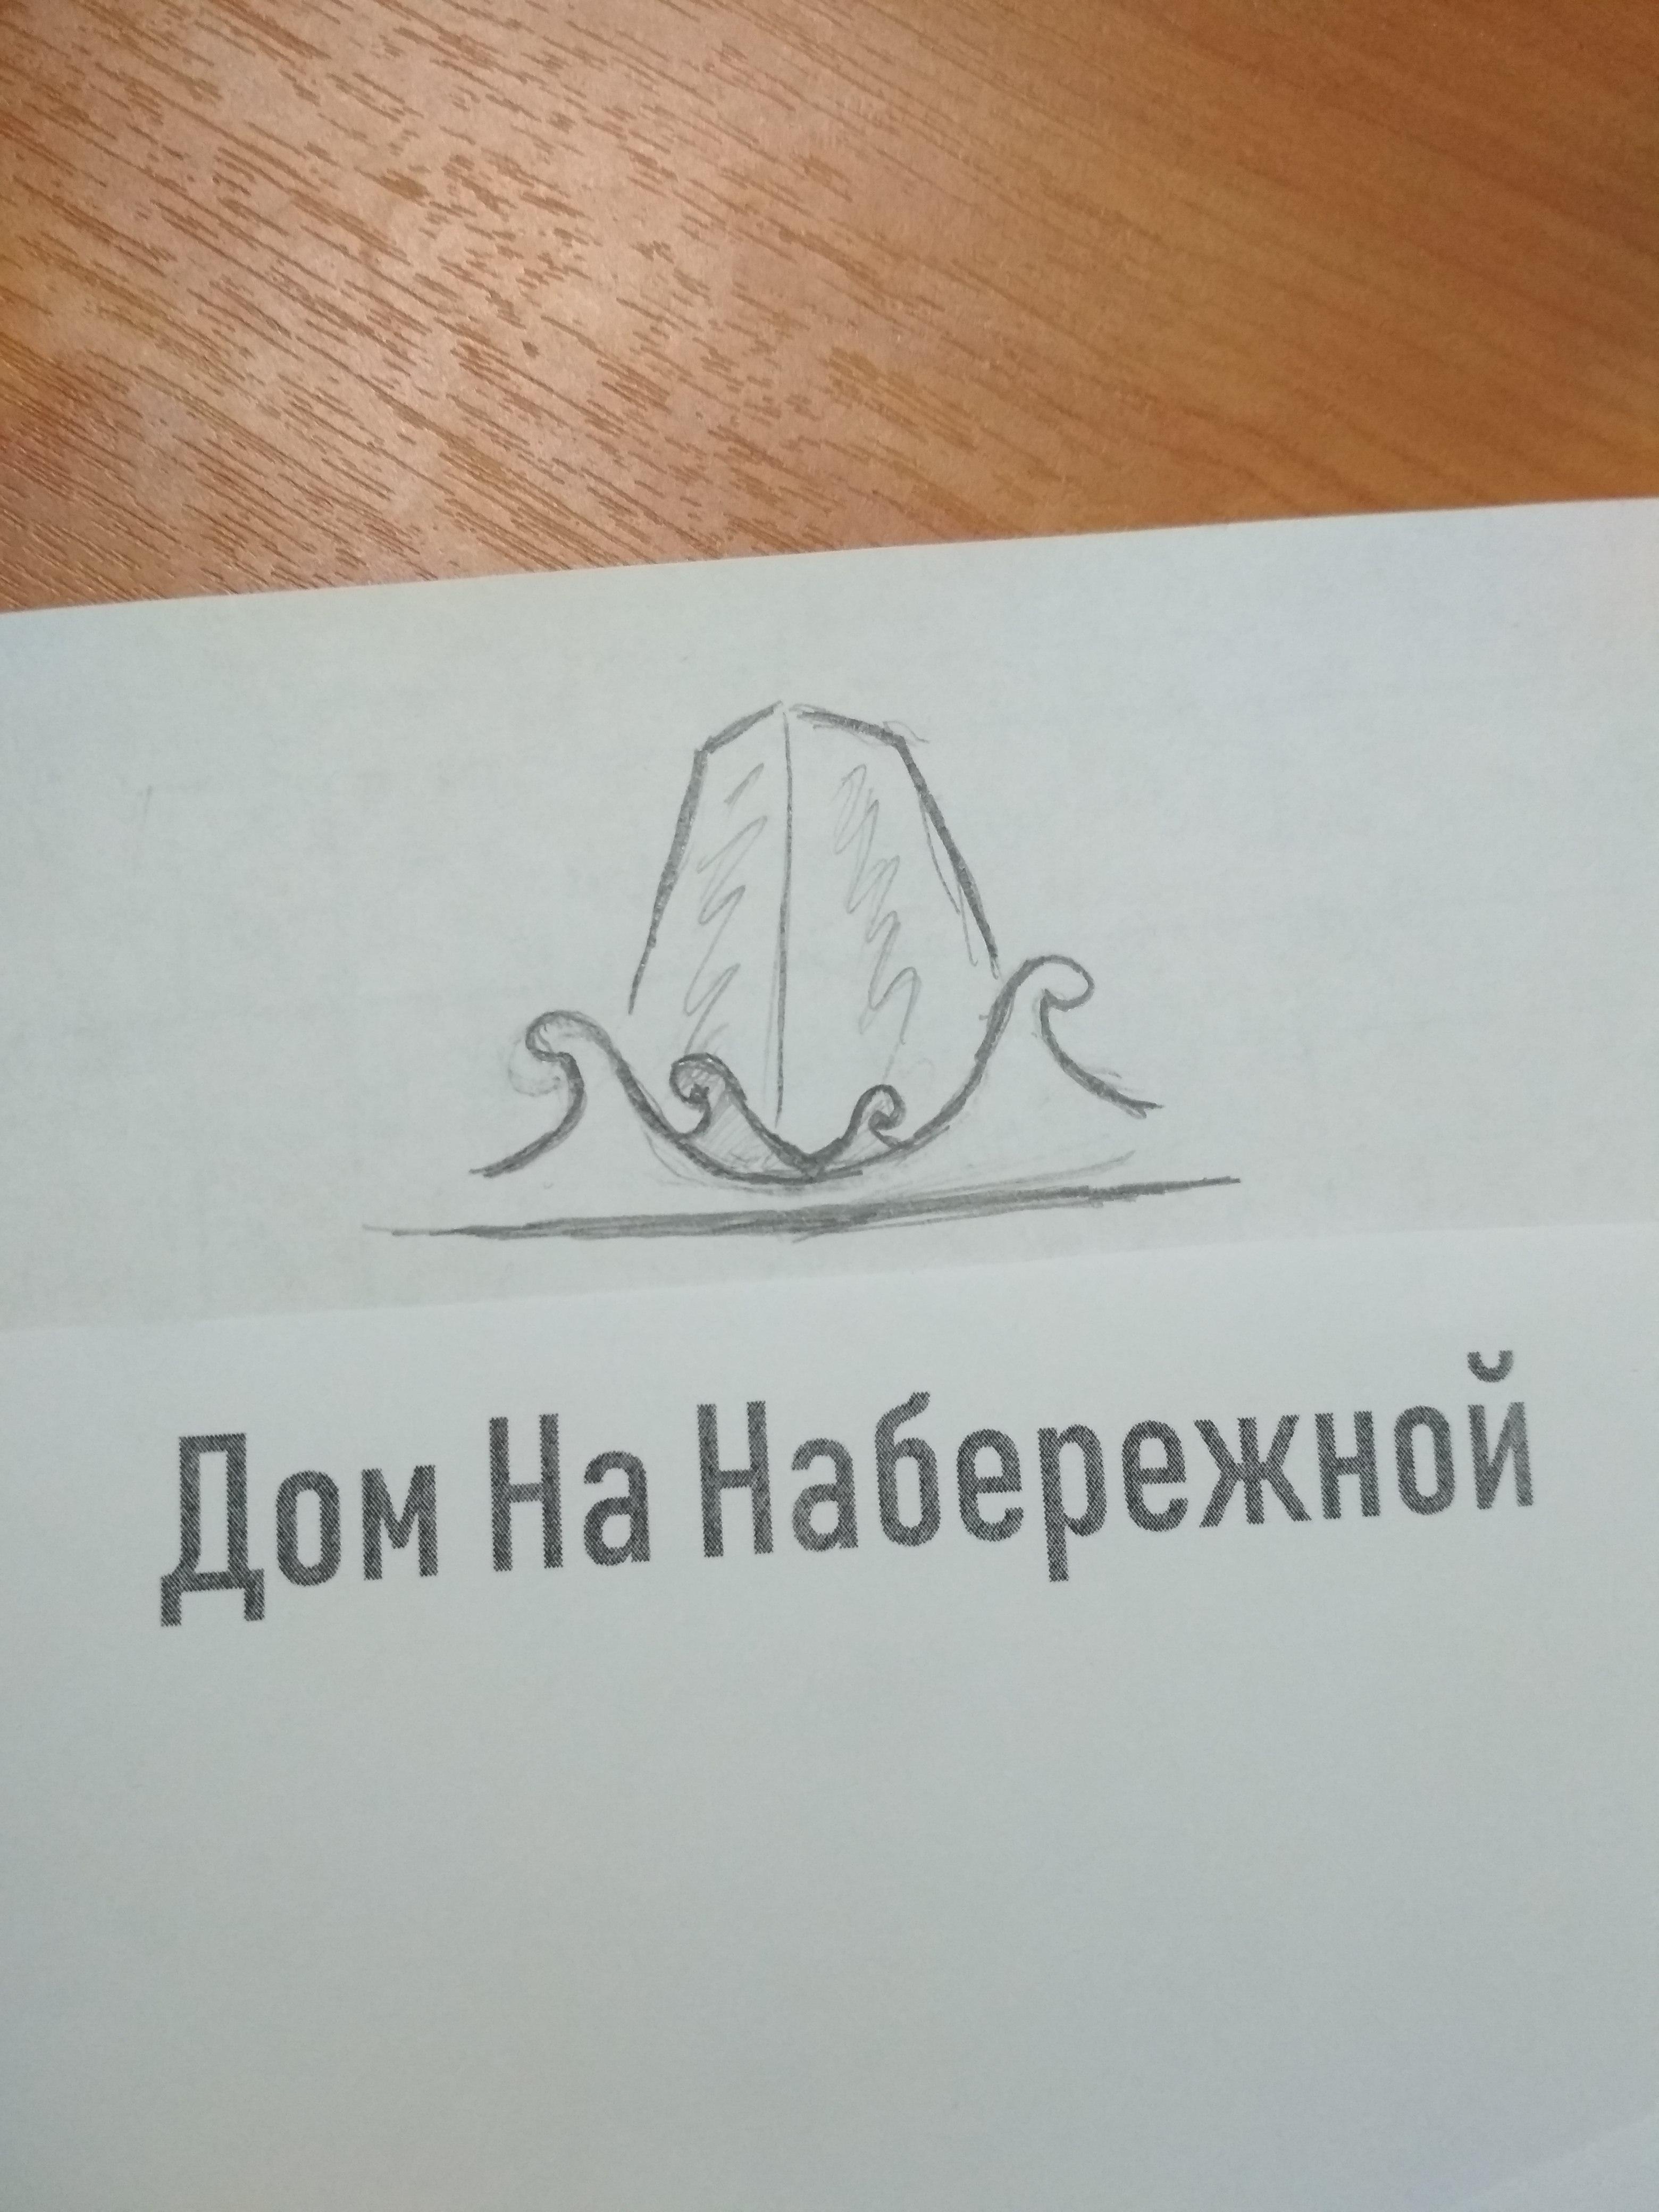 РАЗРАБОТКА логотипа для ЖИЛОГО КОМПЛЕКСА премиум В АНАПЕ.  фото f_2355de79b900582c.jpg